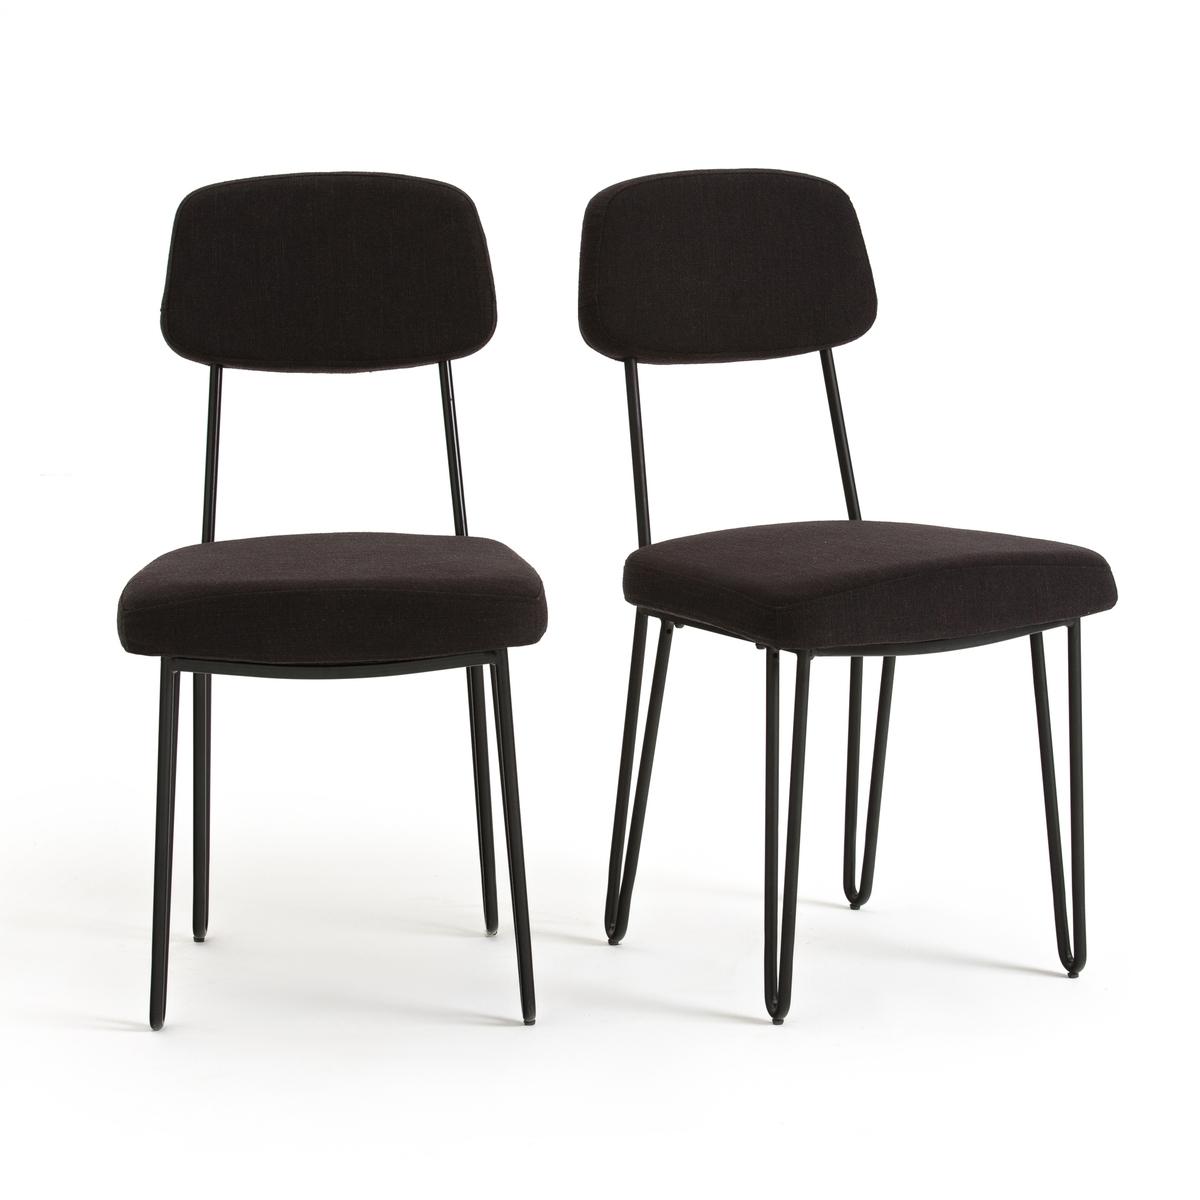 2 стула из металла в винтажном стиле, DAFFO